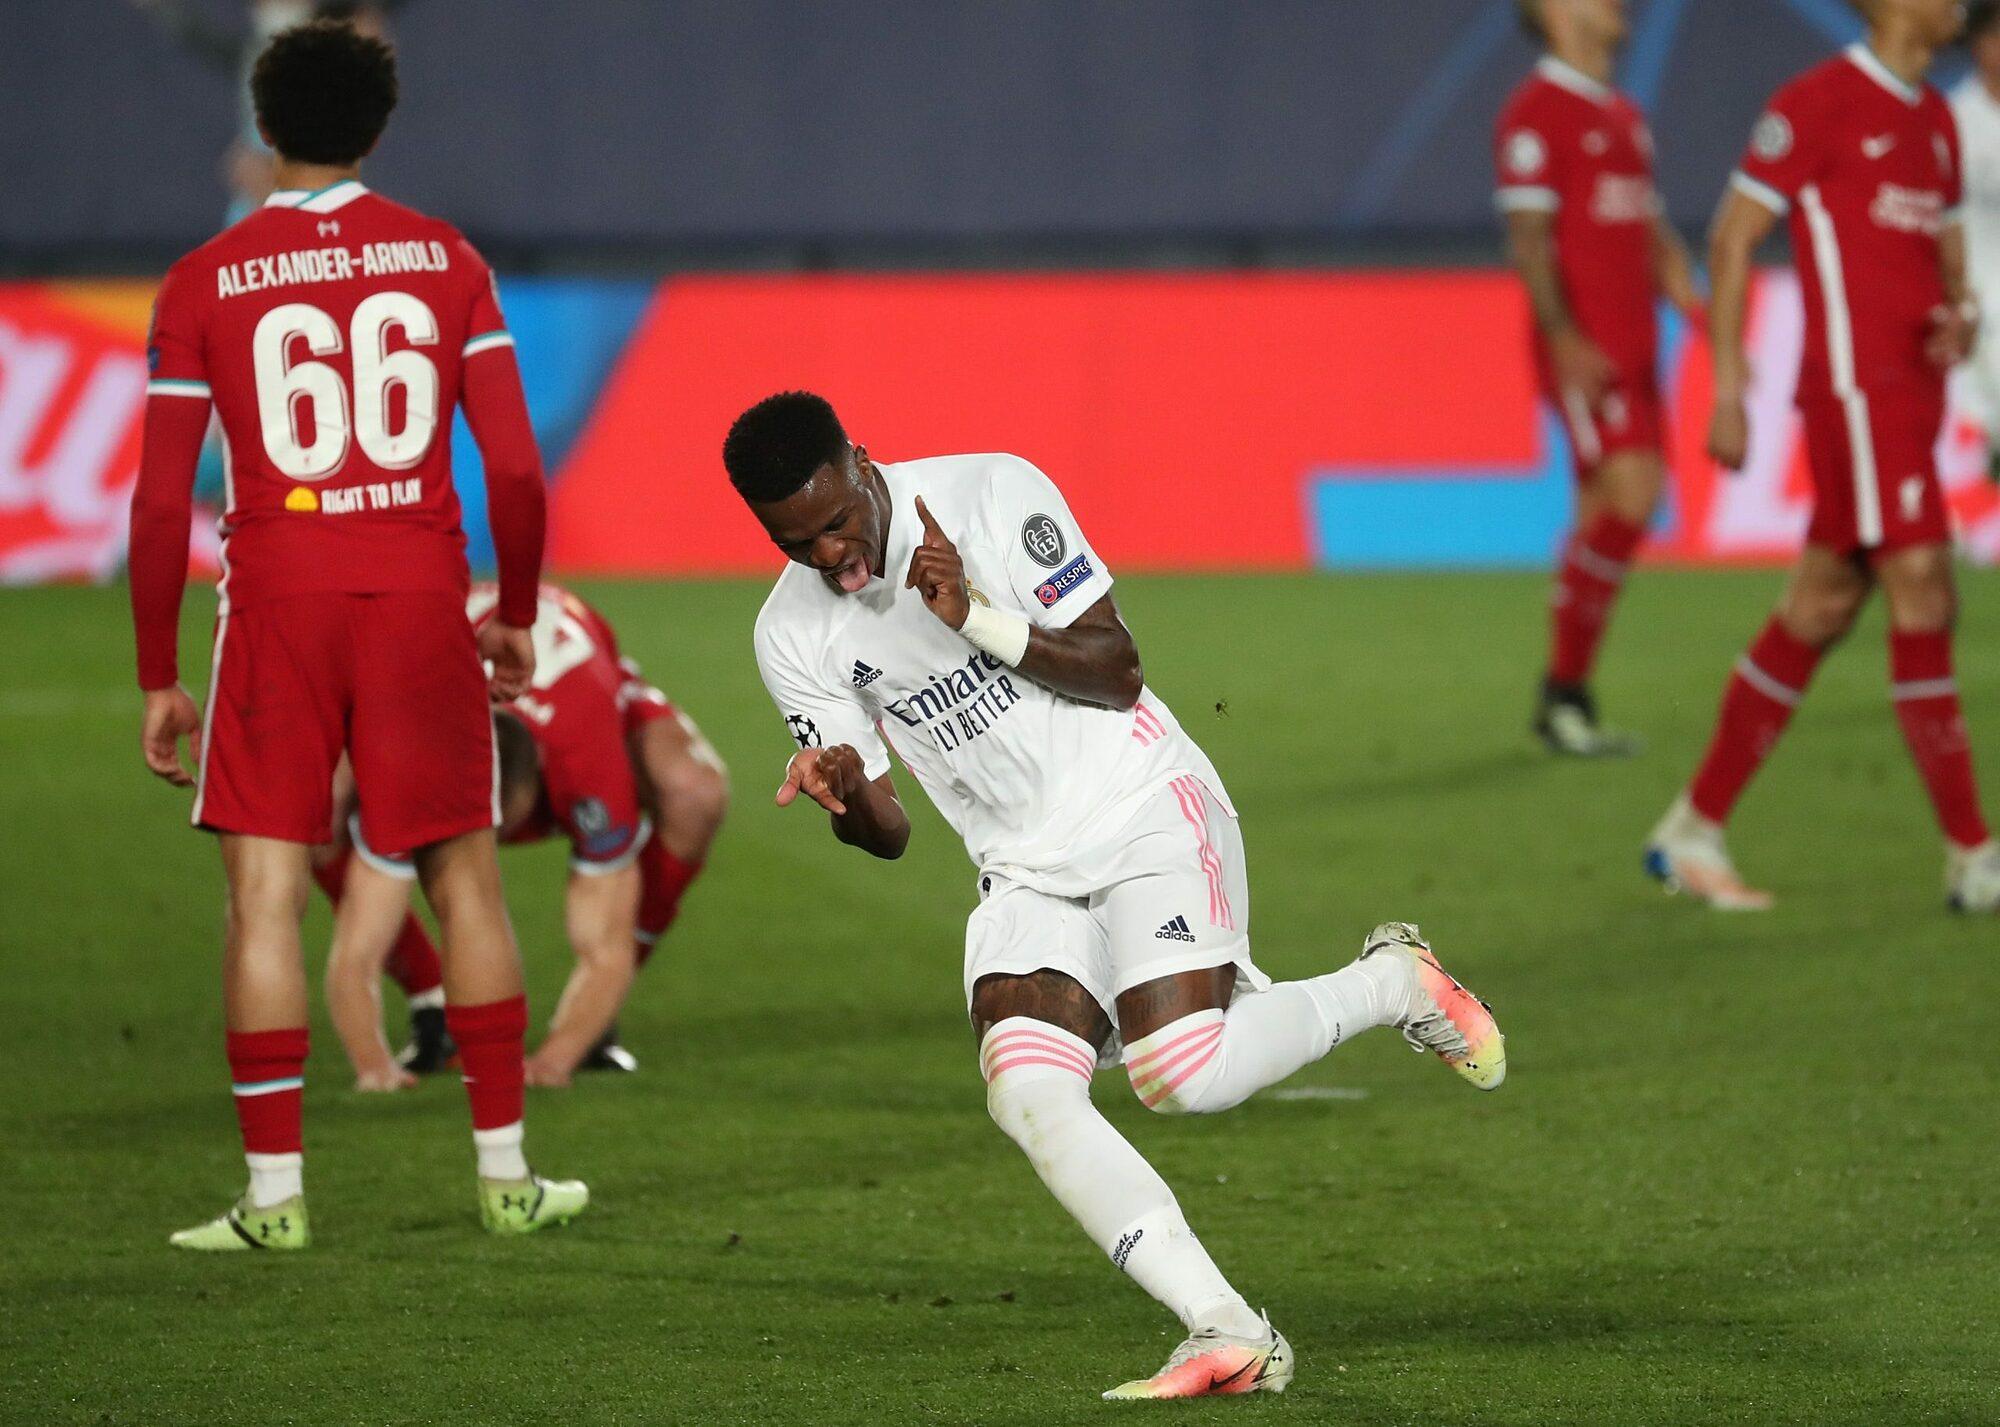 Vinicius mừng bàn nâng tỷ số lên 3-1 cho Real trong trận thắng Liverpool 3-1 hôm 7/4. Ảnh: EFE